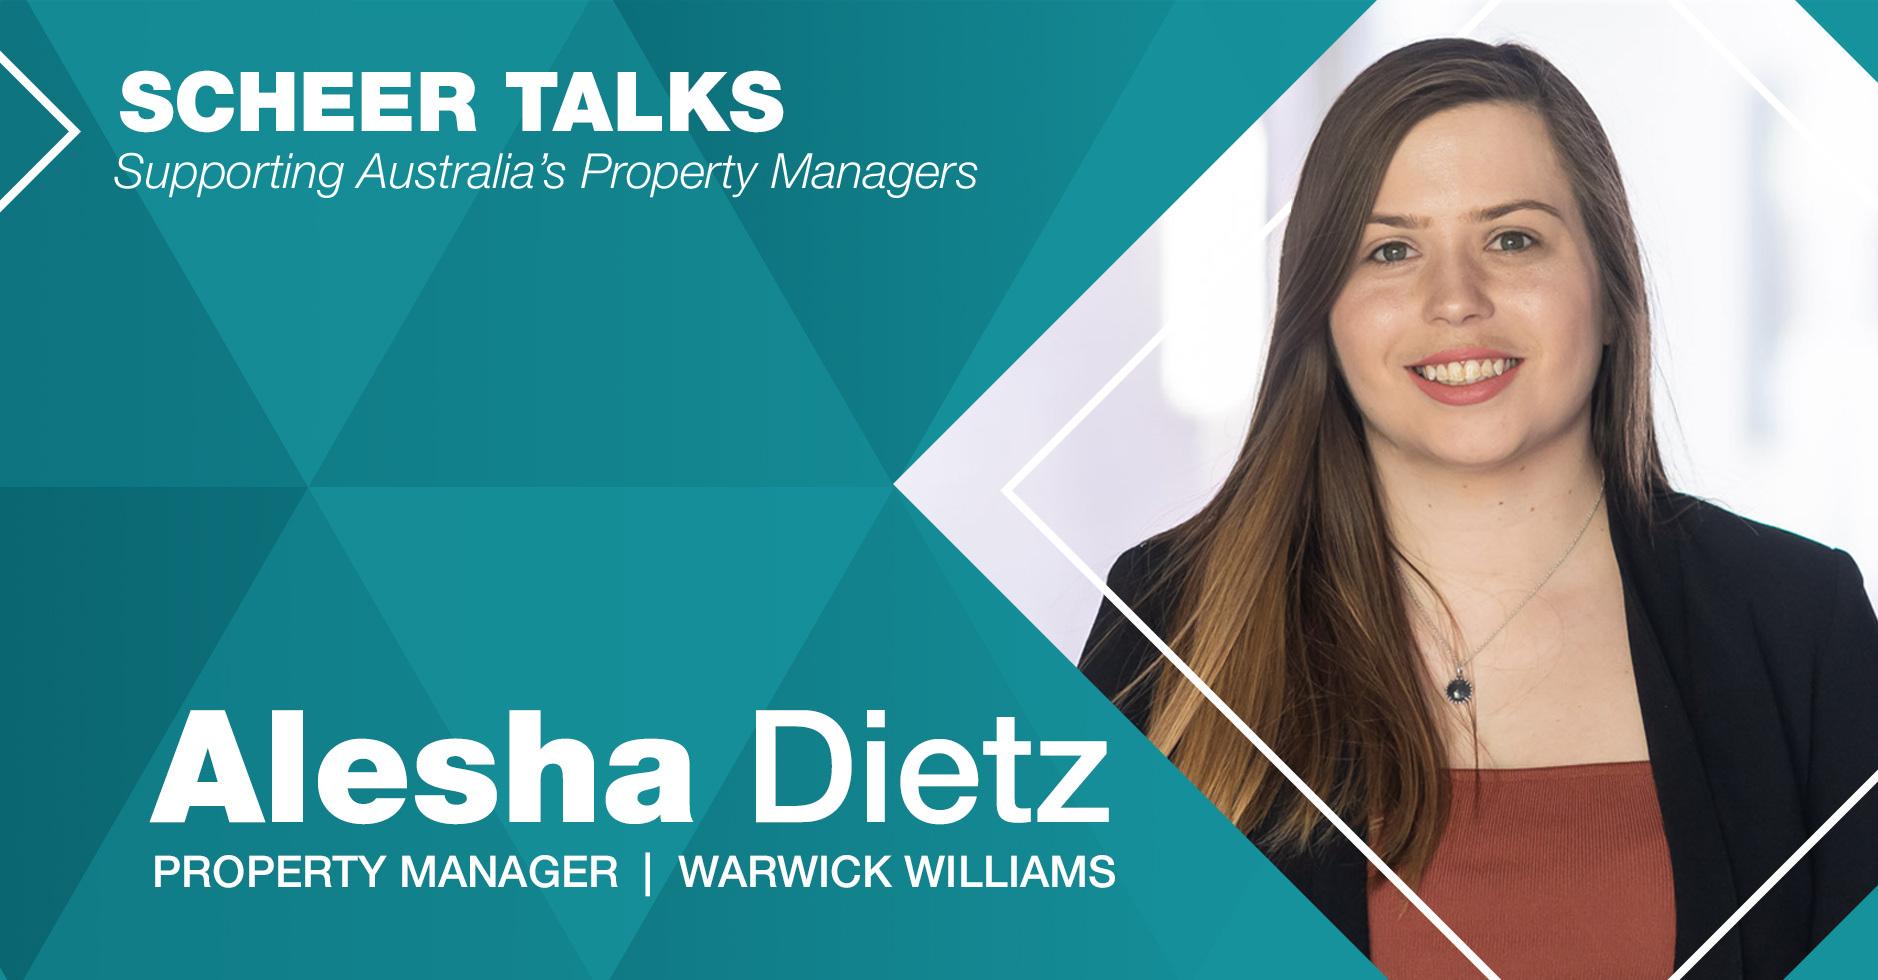 ScheerTalk Alesha Hero Scheer Talks: Protecting your Property